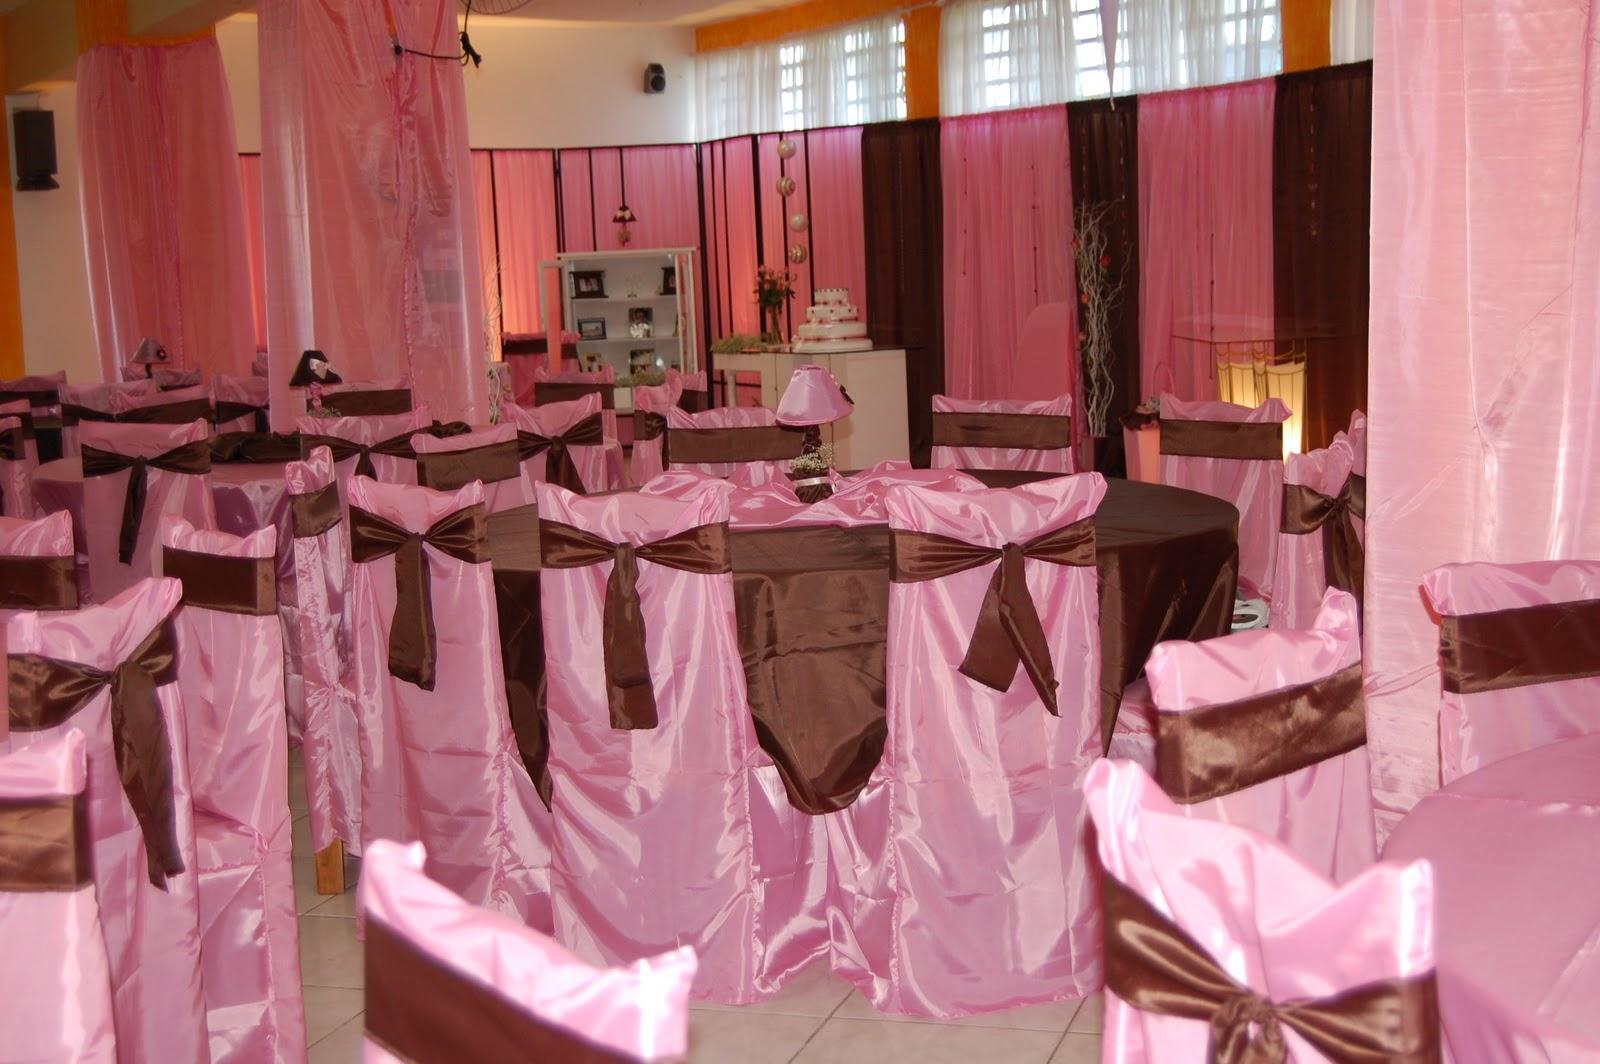 Decoracoes Para Festas 15 Anos: Gurias Decorações De Festas: 15 Anos Rosa E Marrom